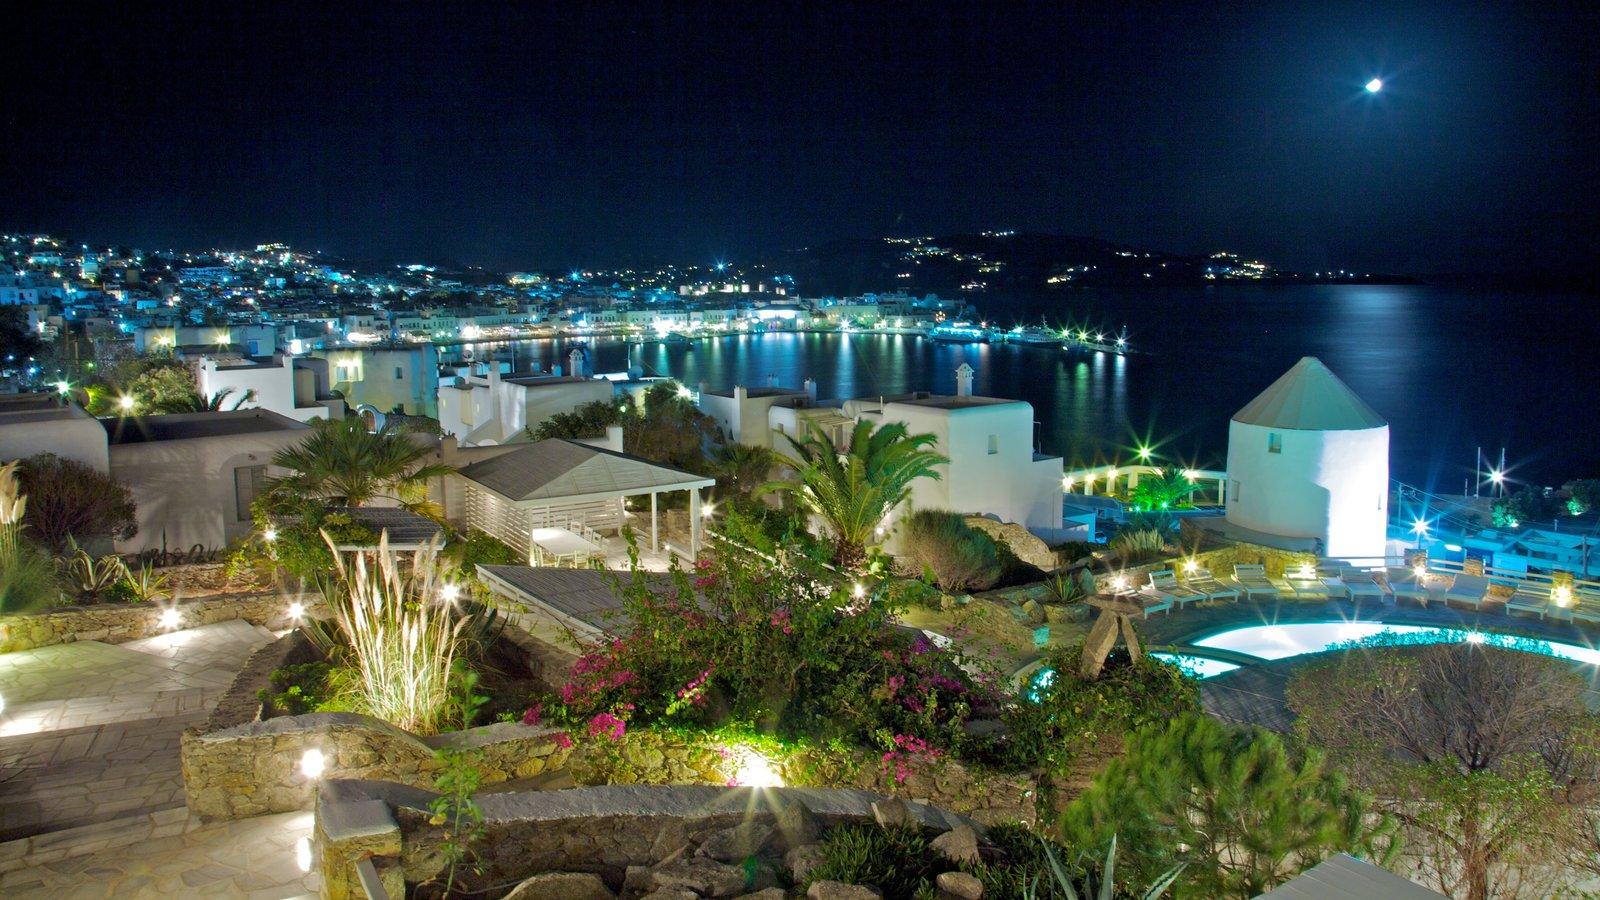 Mykonos Town mostrando cenas tropicais, cenas noturnas e uma cidade litorânea